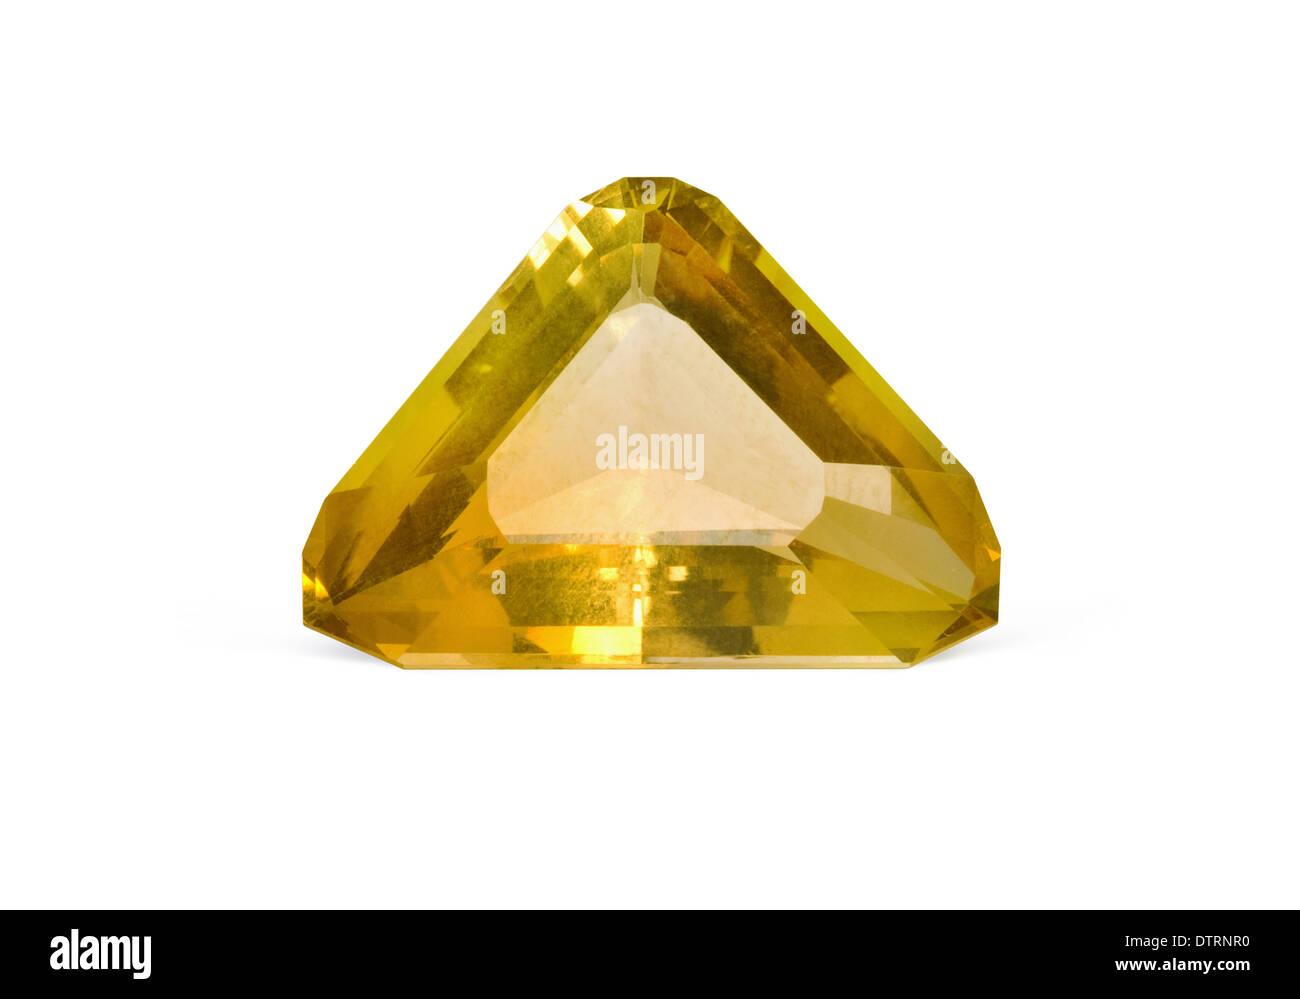 Citrine gemstone on white background - Stock Image